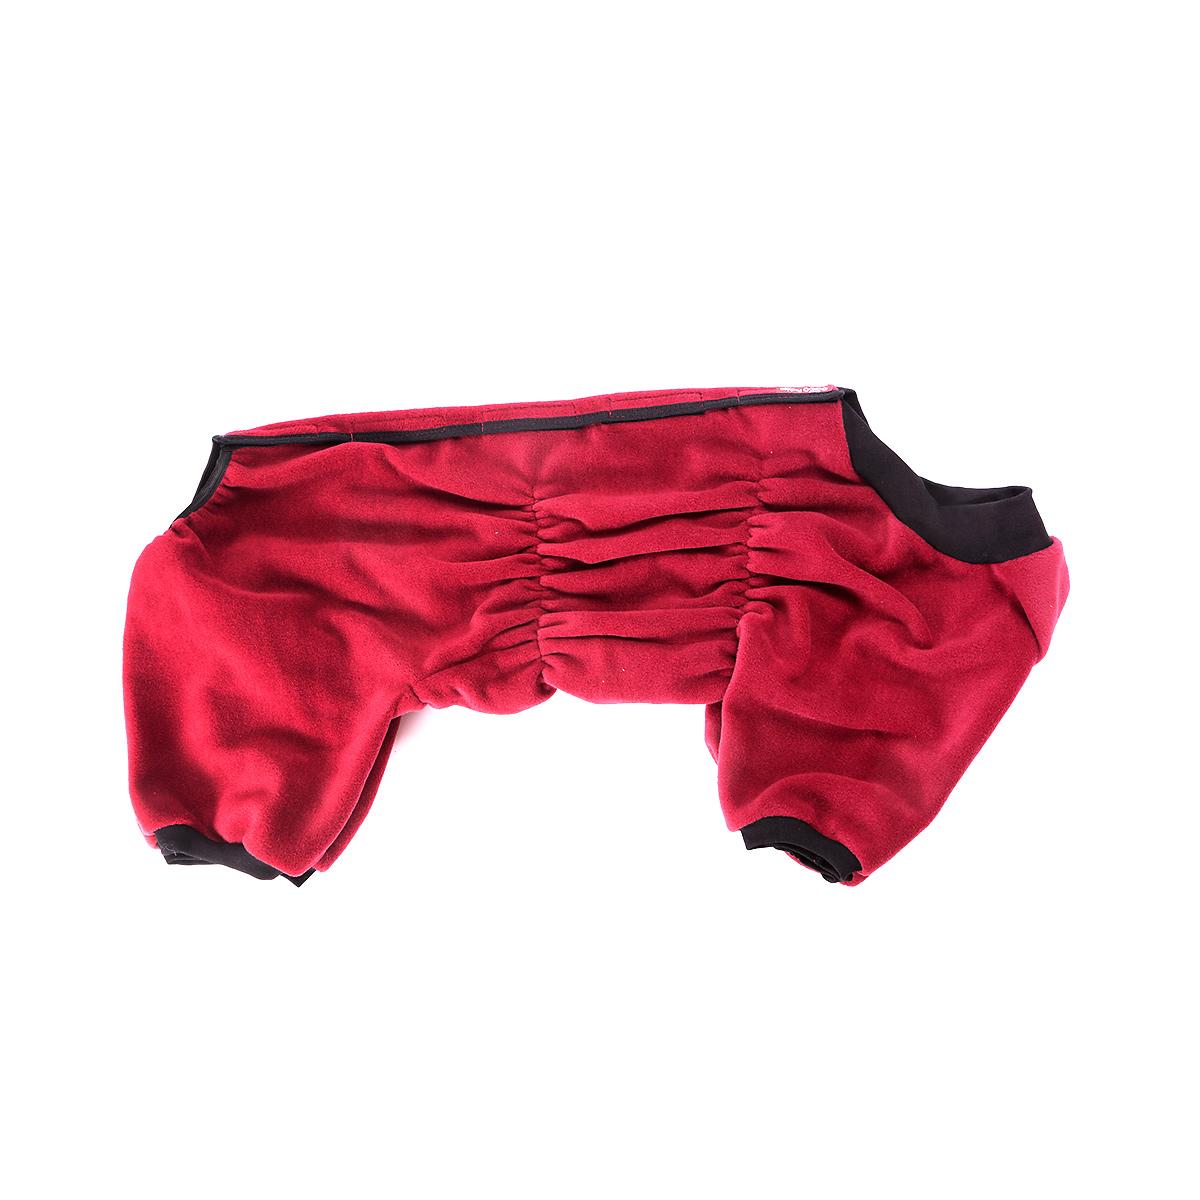 Комбинезон для собак OSSO Fashion, для девочки, цвет: бордовый. Размер 65Кф-1023Комбинезон для собак OSSO Fashion выполнен из флиса. Комфортная посадка по корпусу достигается за счет резинок-утяжек под грудью и животом. На воротнике имеются завязки, для дополнительной фиксации. Можно носить самостоятельно и как поддевку под комбинезон для собак. Изделие отлично стирается, быстро сохнет. Длина спинки: 65 см. Объем груди: 74-102 см.